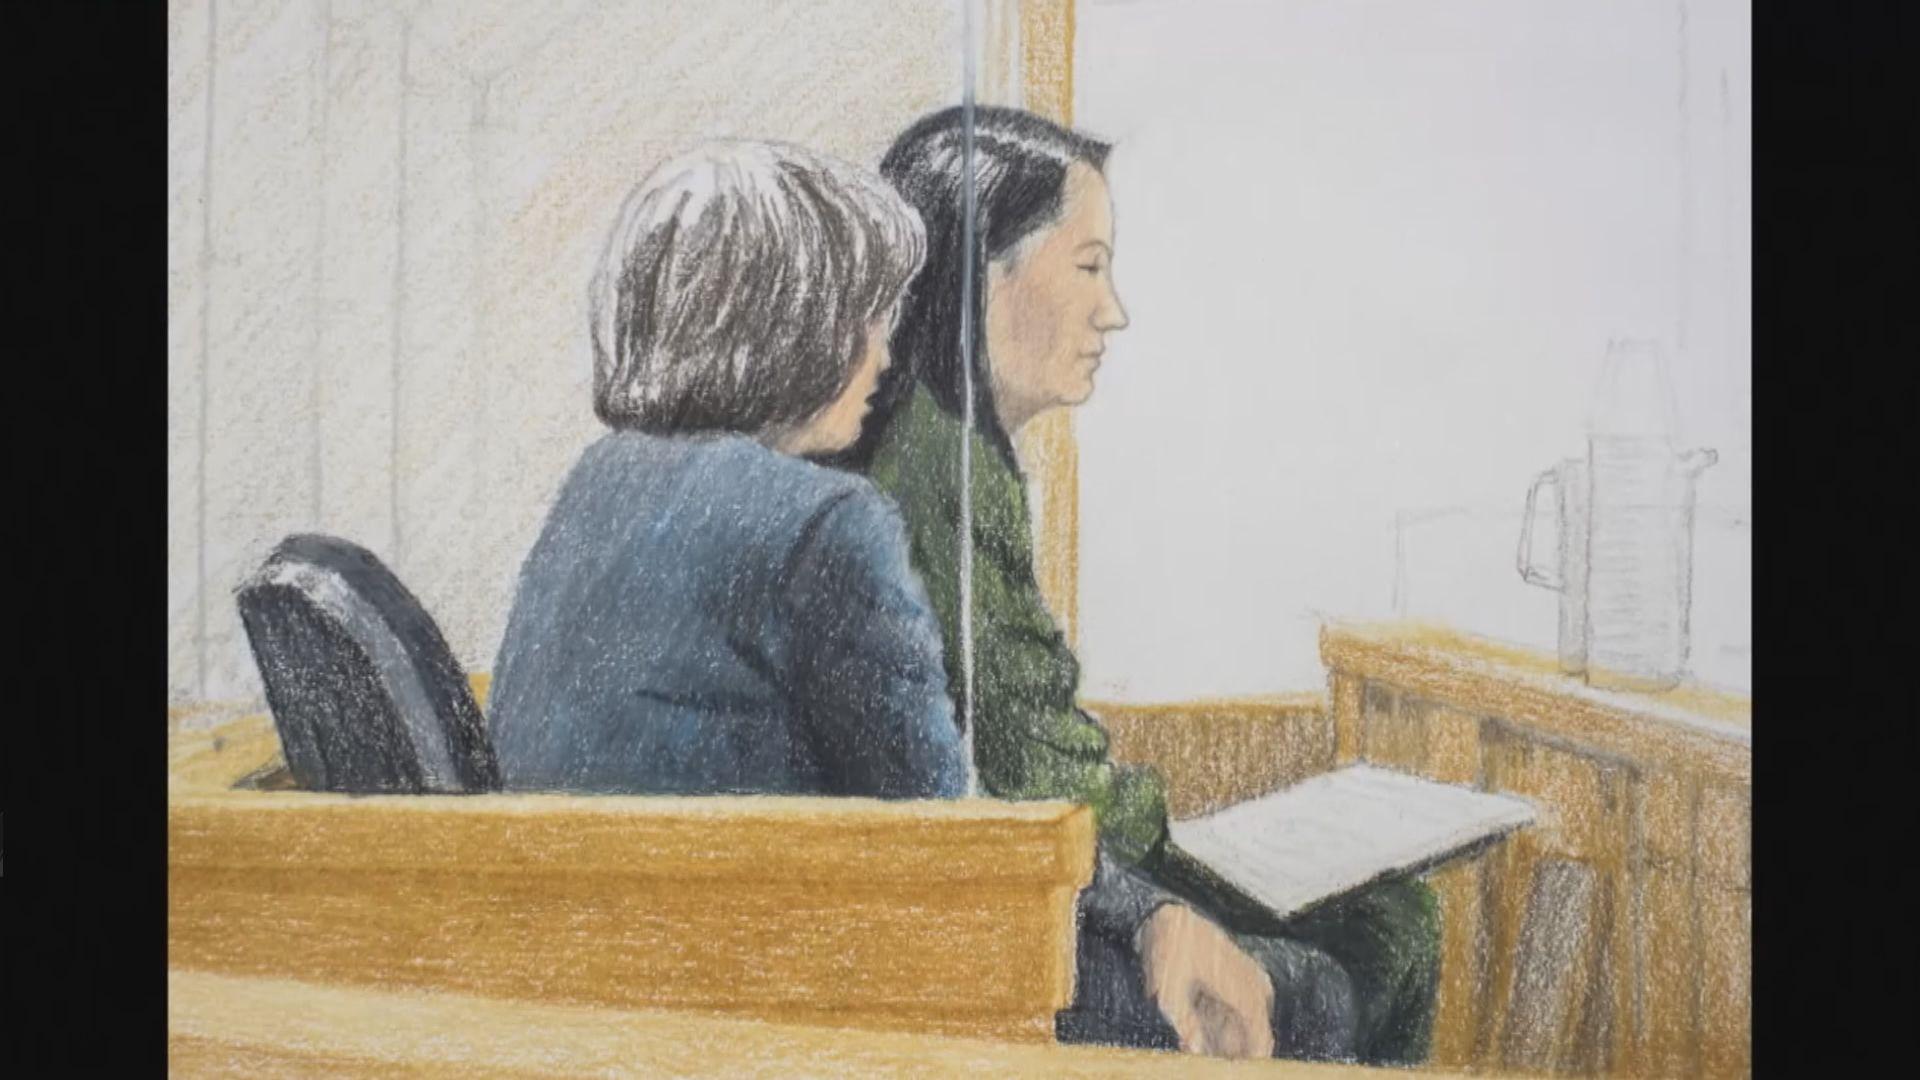 孟晚舟申請保釋聆訊未有判決